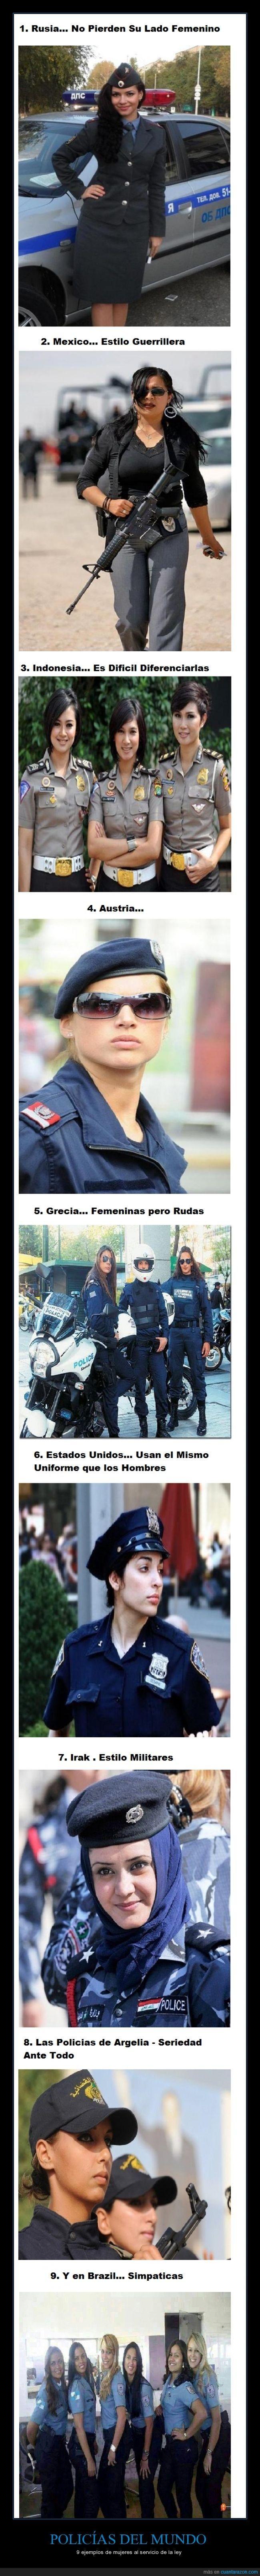 POLICÍAS DEL MUNDO - 9 ejemplos de mujeres al servicio de la ley Gracias a http://www.cuantarazon.com/ Si quieres leer la noticia completa visita: http://www.estoy-aburrido.com/policias-del-mundo-9-ejemplos-de-mujeres-al-servicio-de-la-ley/